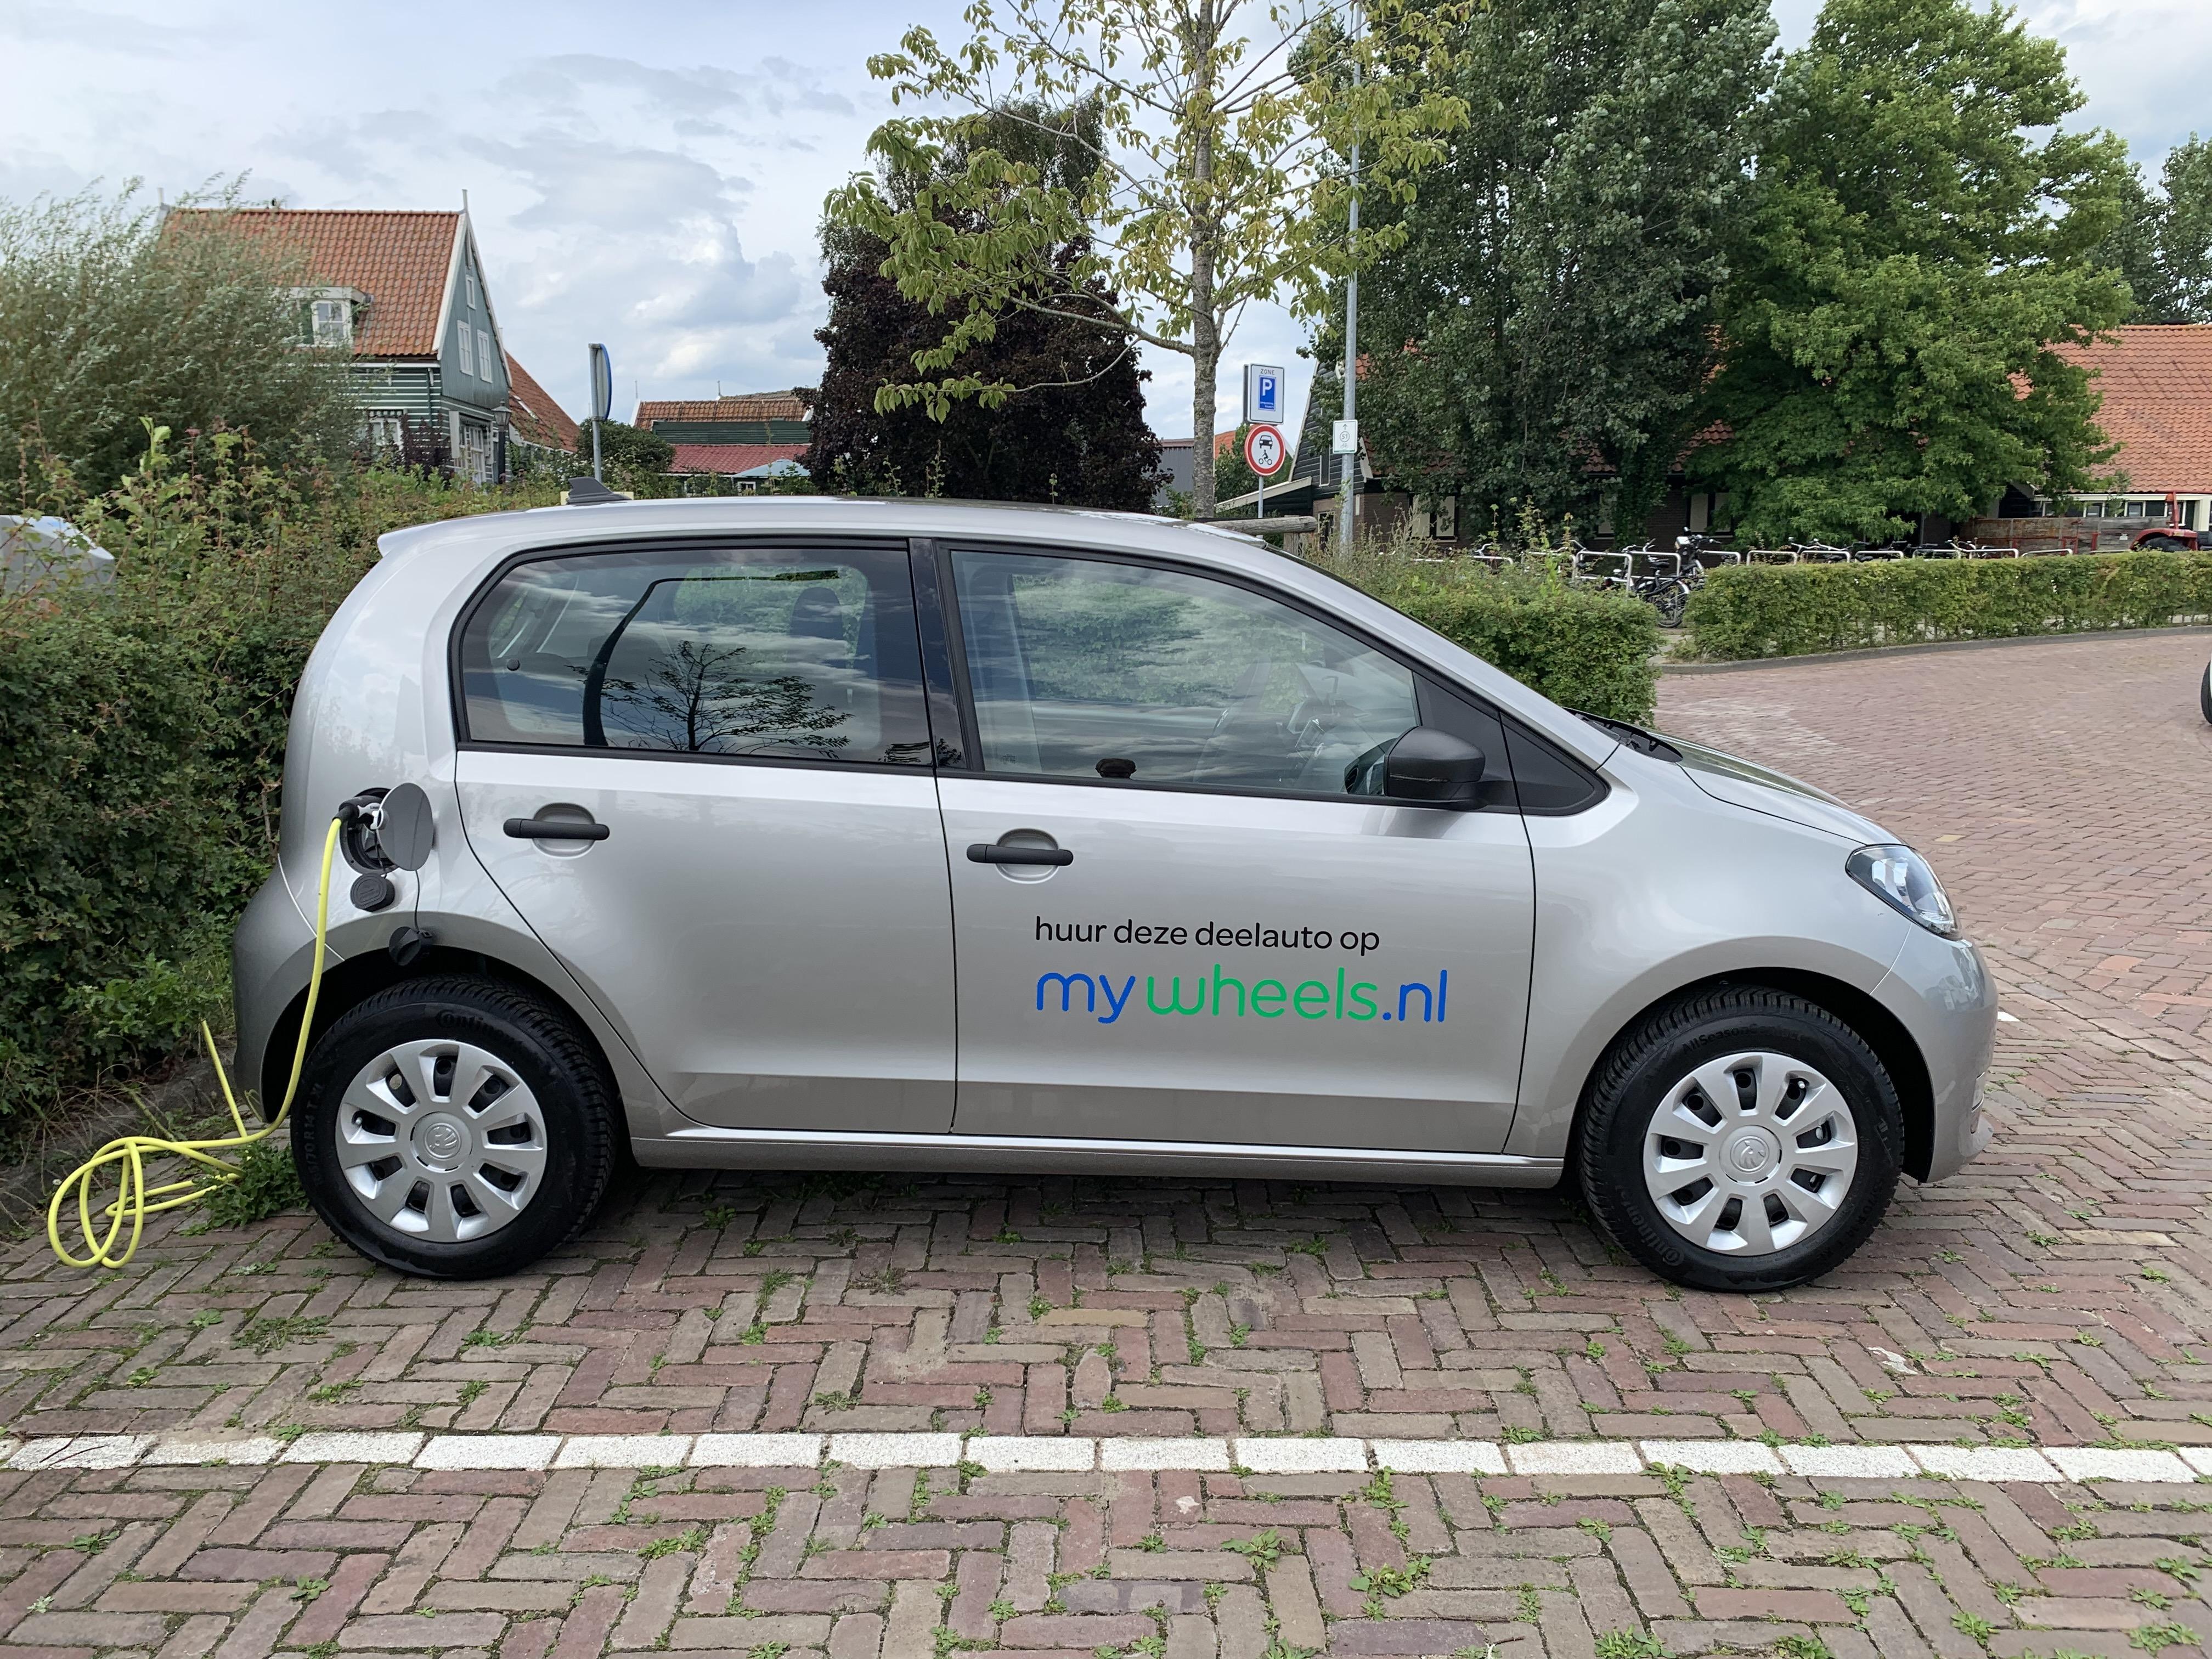 Vier extra elektrische deelauto's in Waterland; project van Duurzaam Waterland is een succes